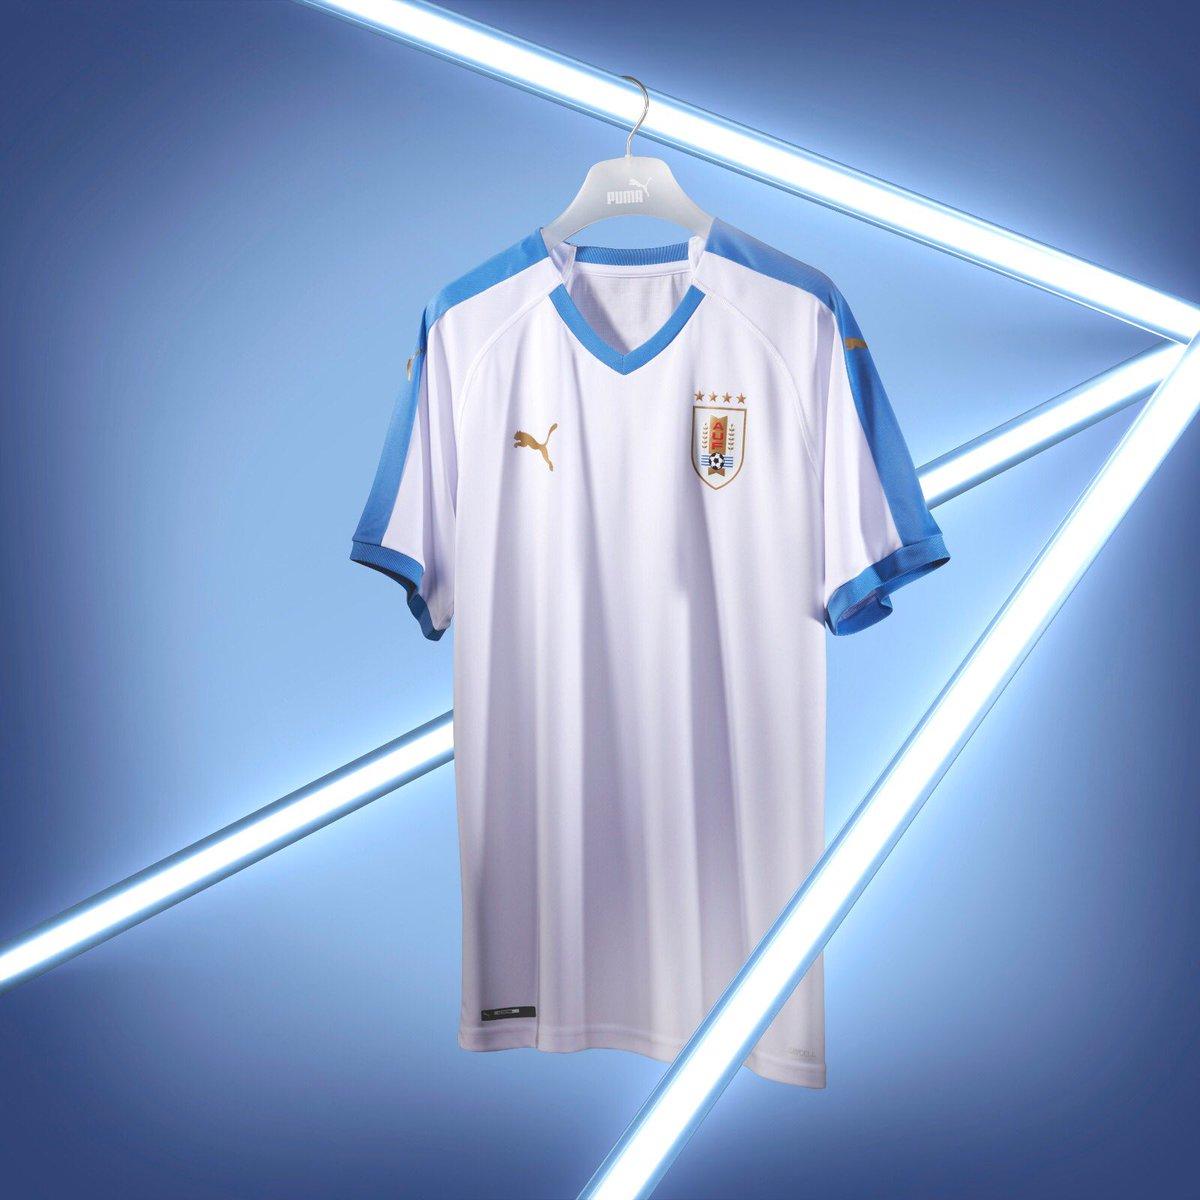 Image result for camiseta uruguay puma 2019